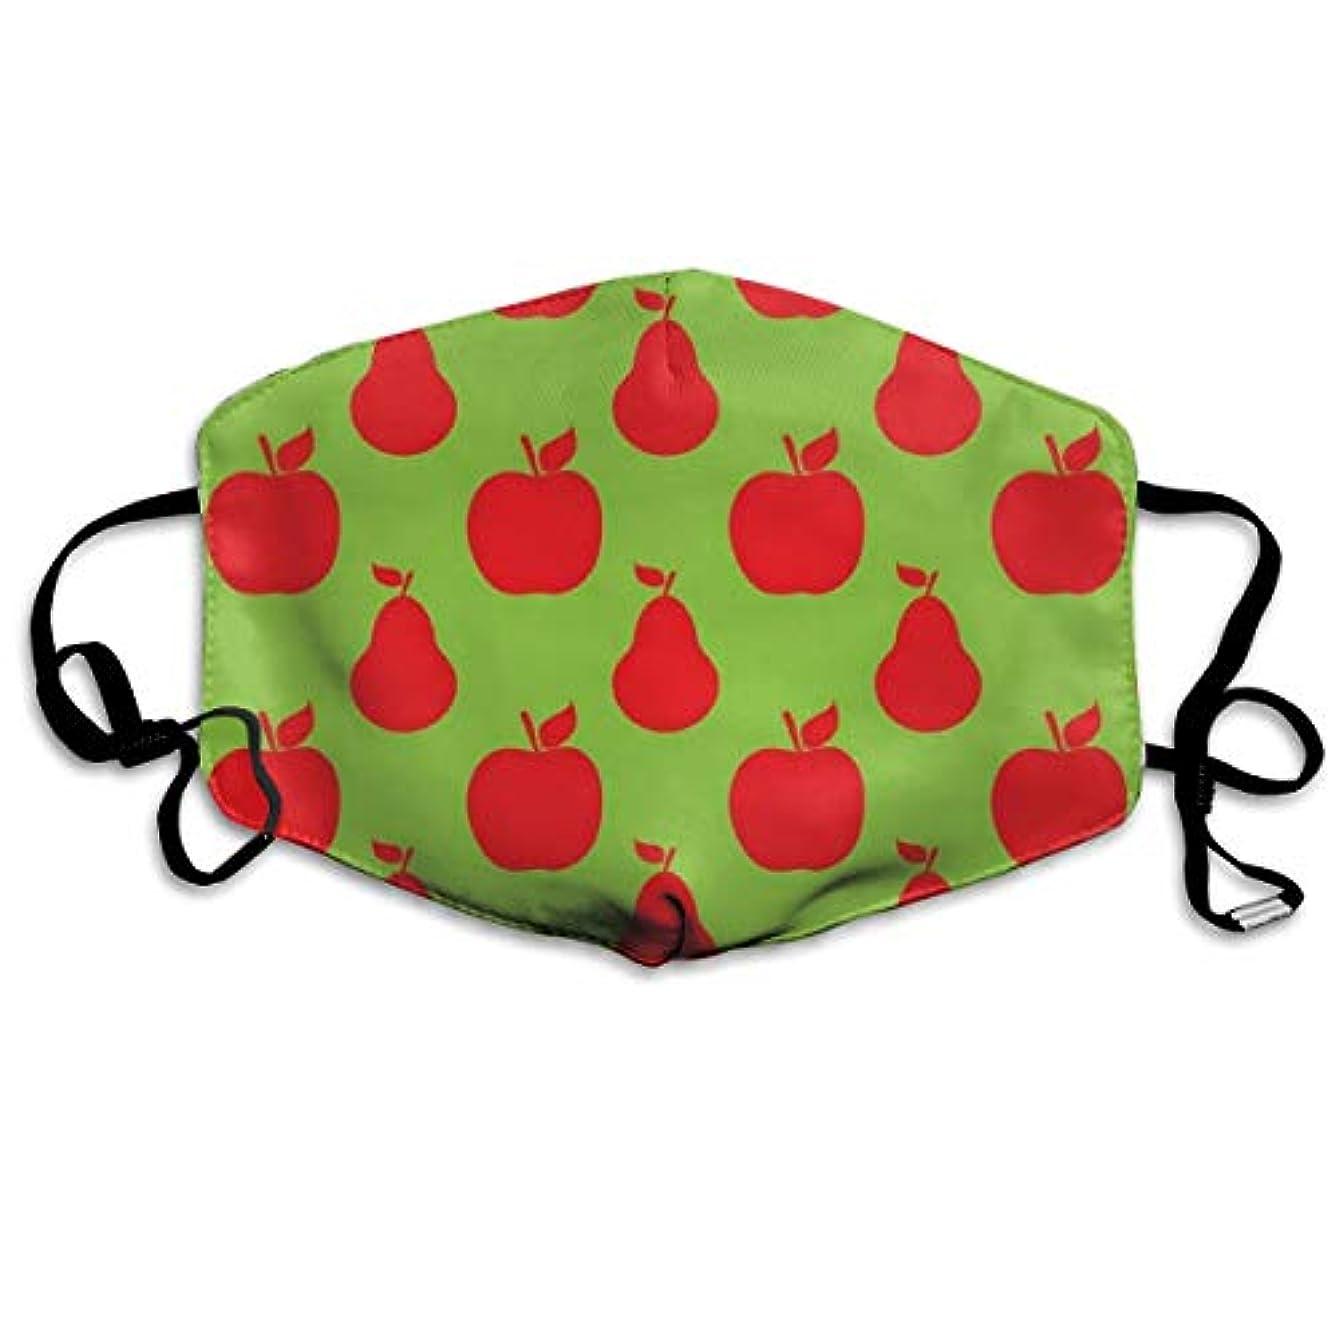 土地裏切り容量マスクりんご梨ファッション、通気性、UVカット マスクユニセックス